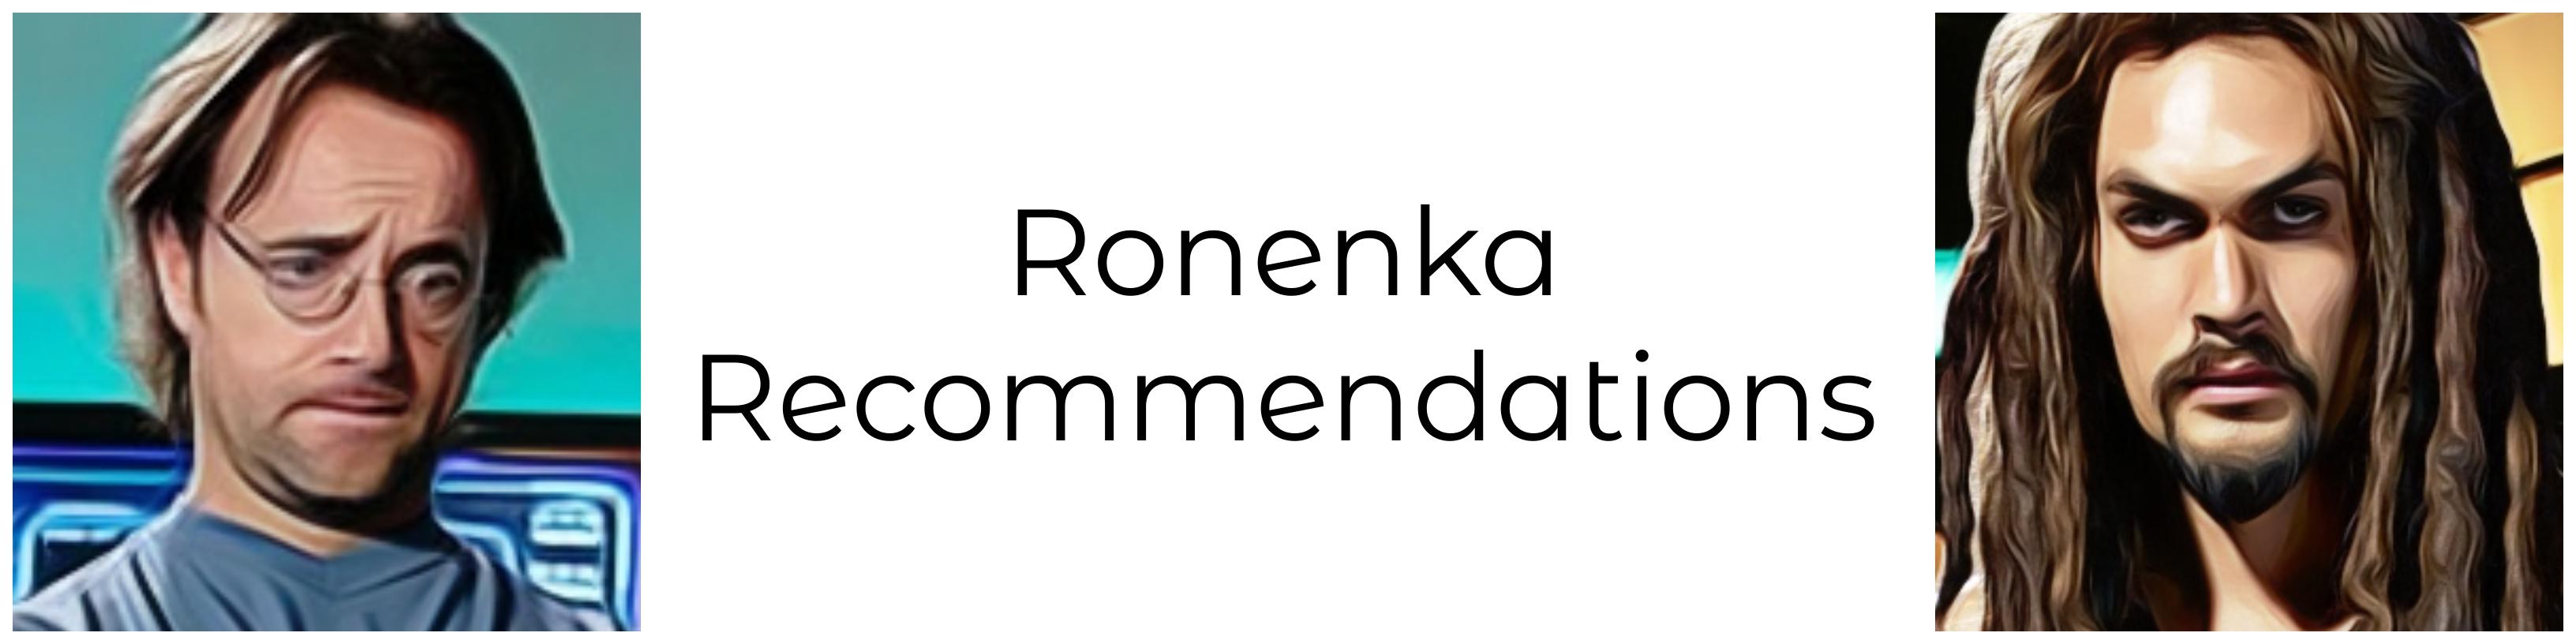 Ronenka Banner